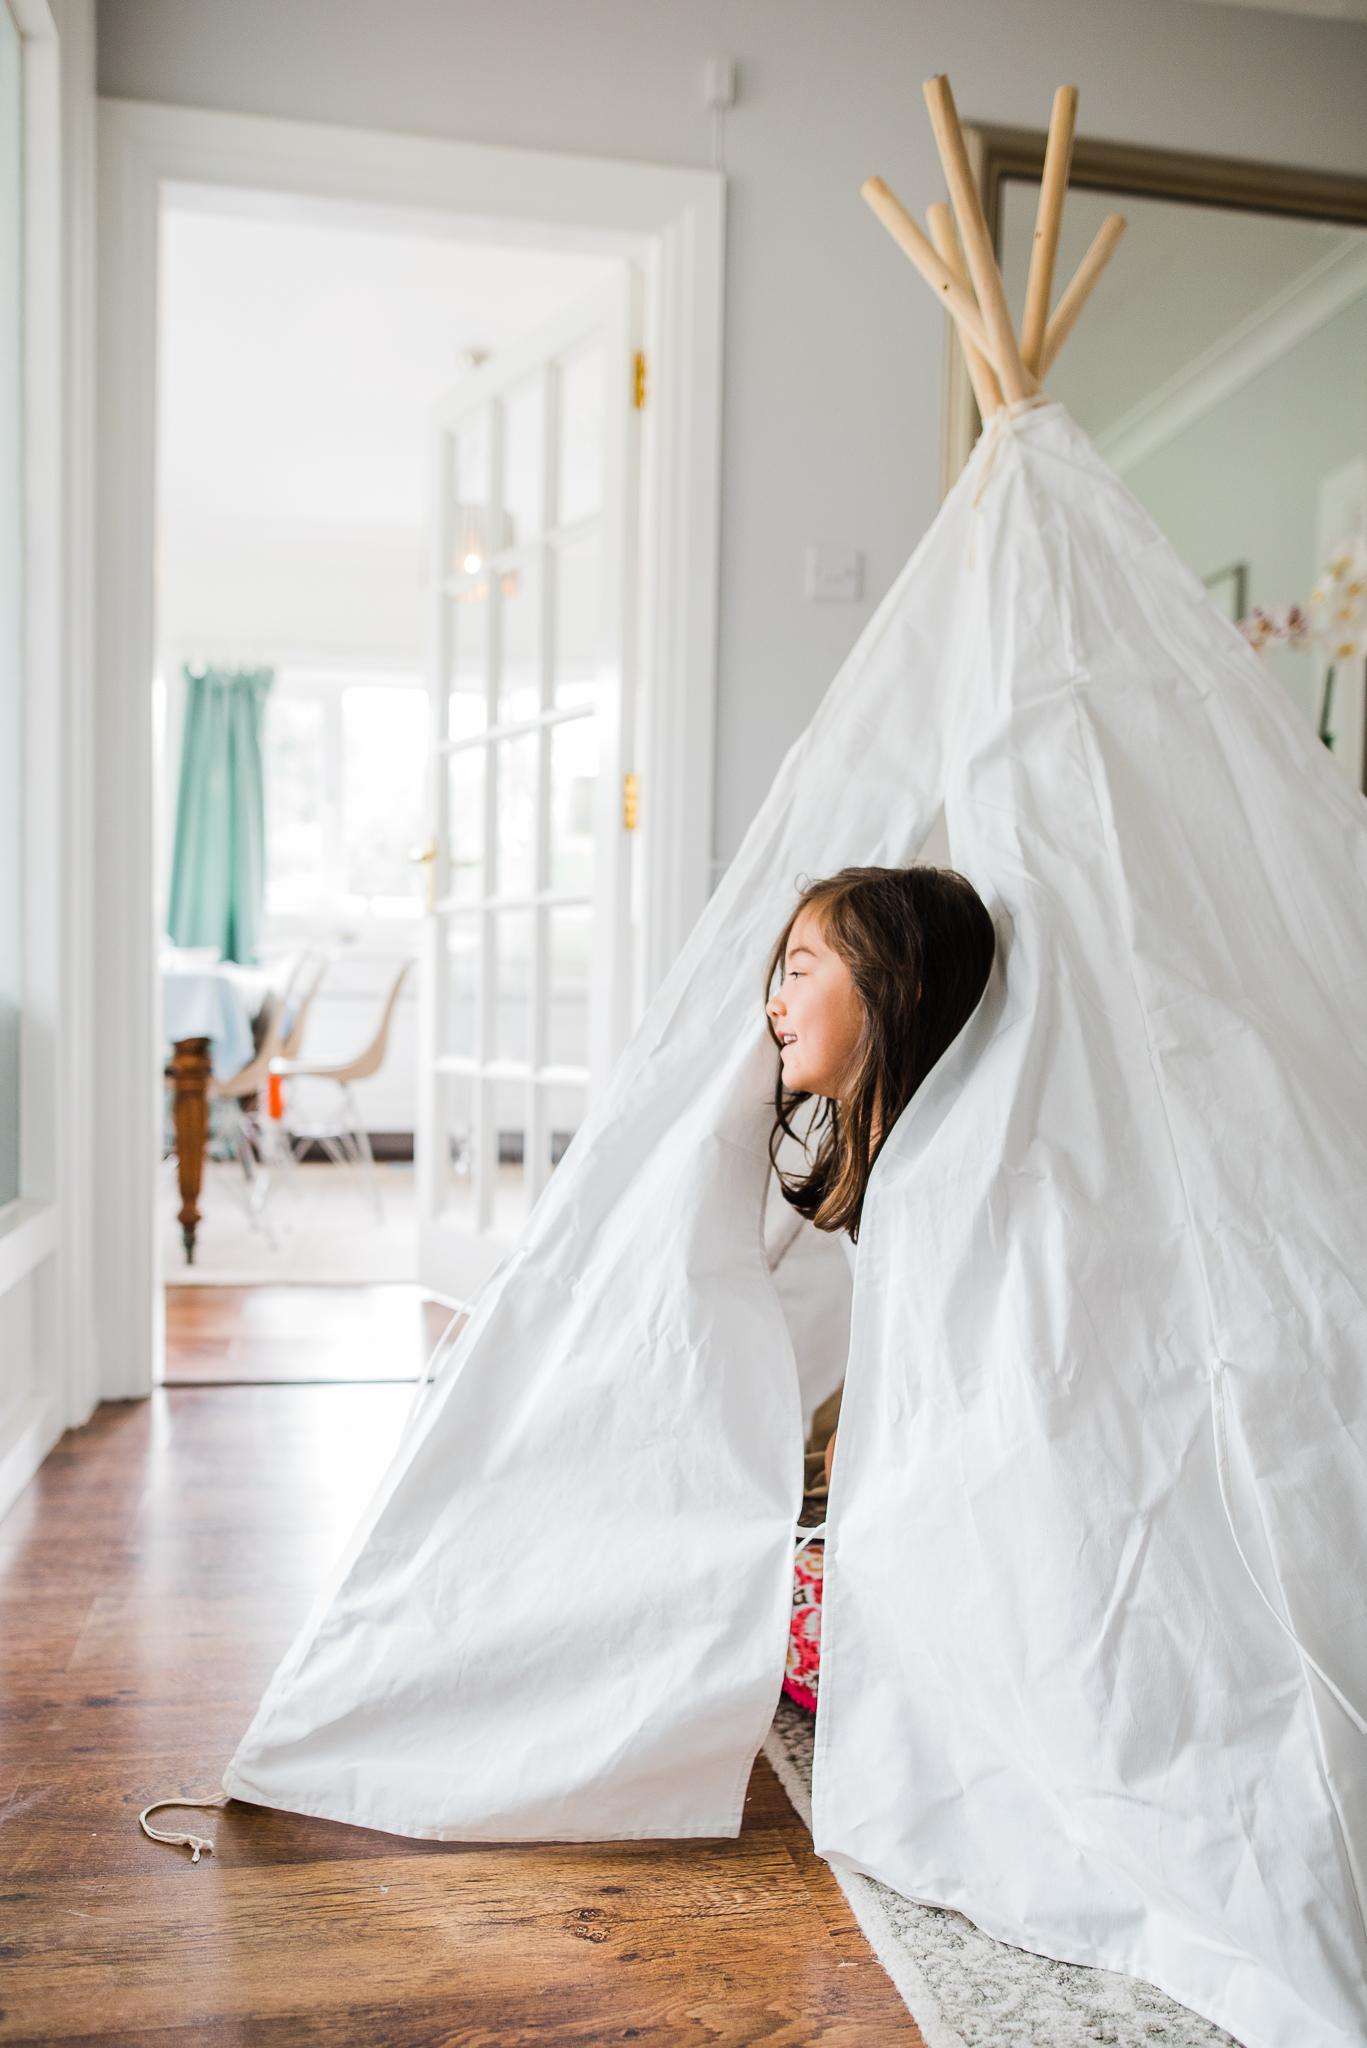 Girl playing at home photoshoot- cheltenham child photography.jpg